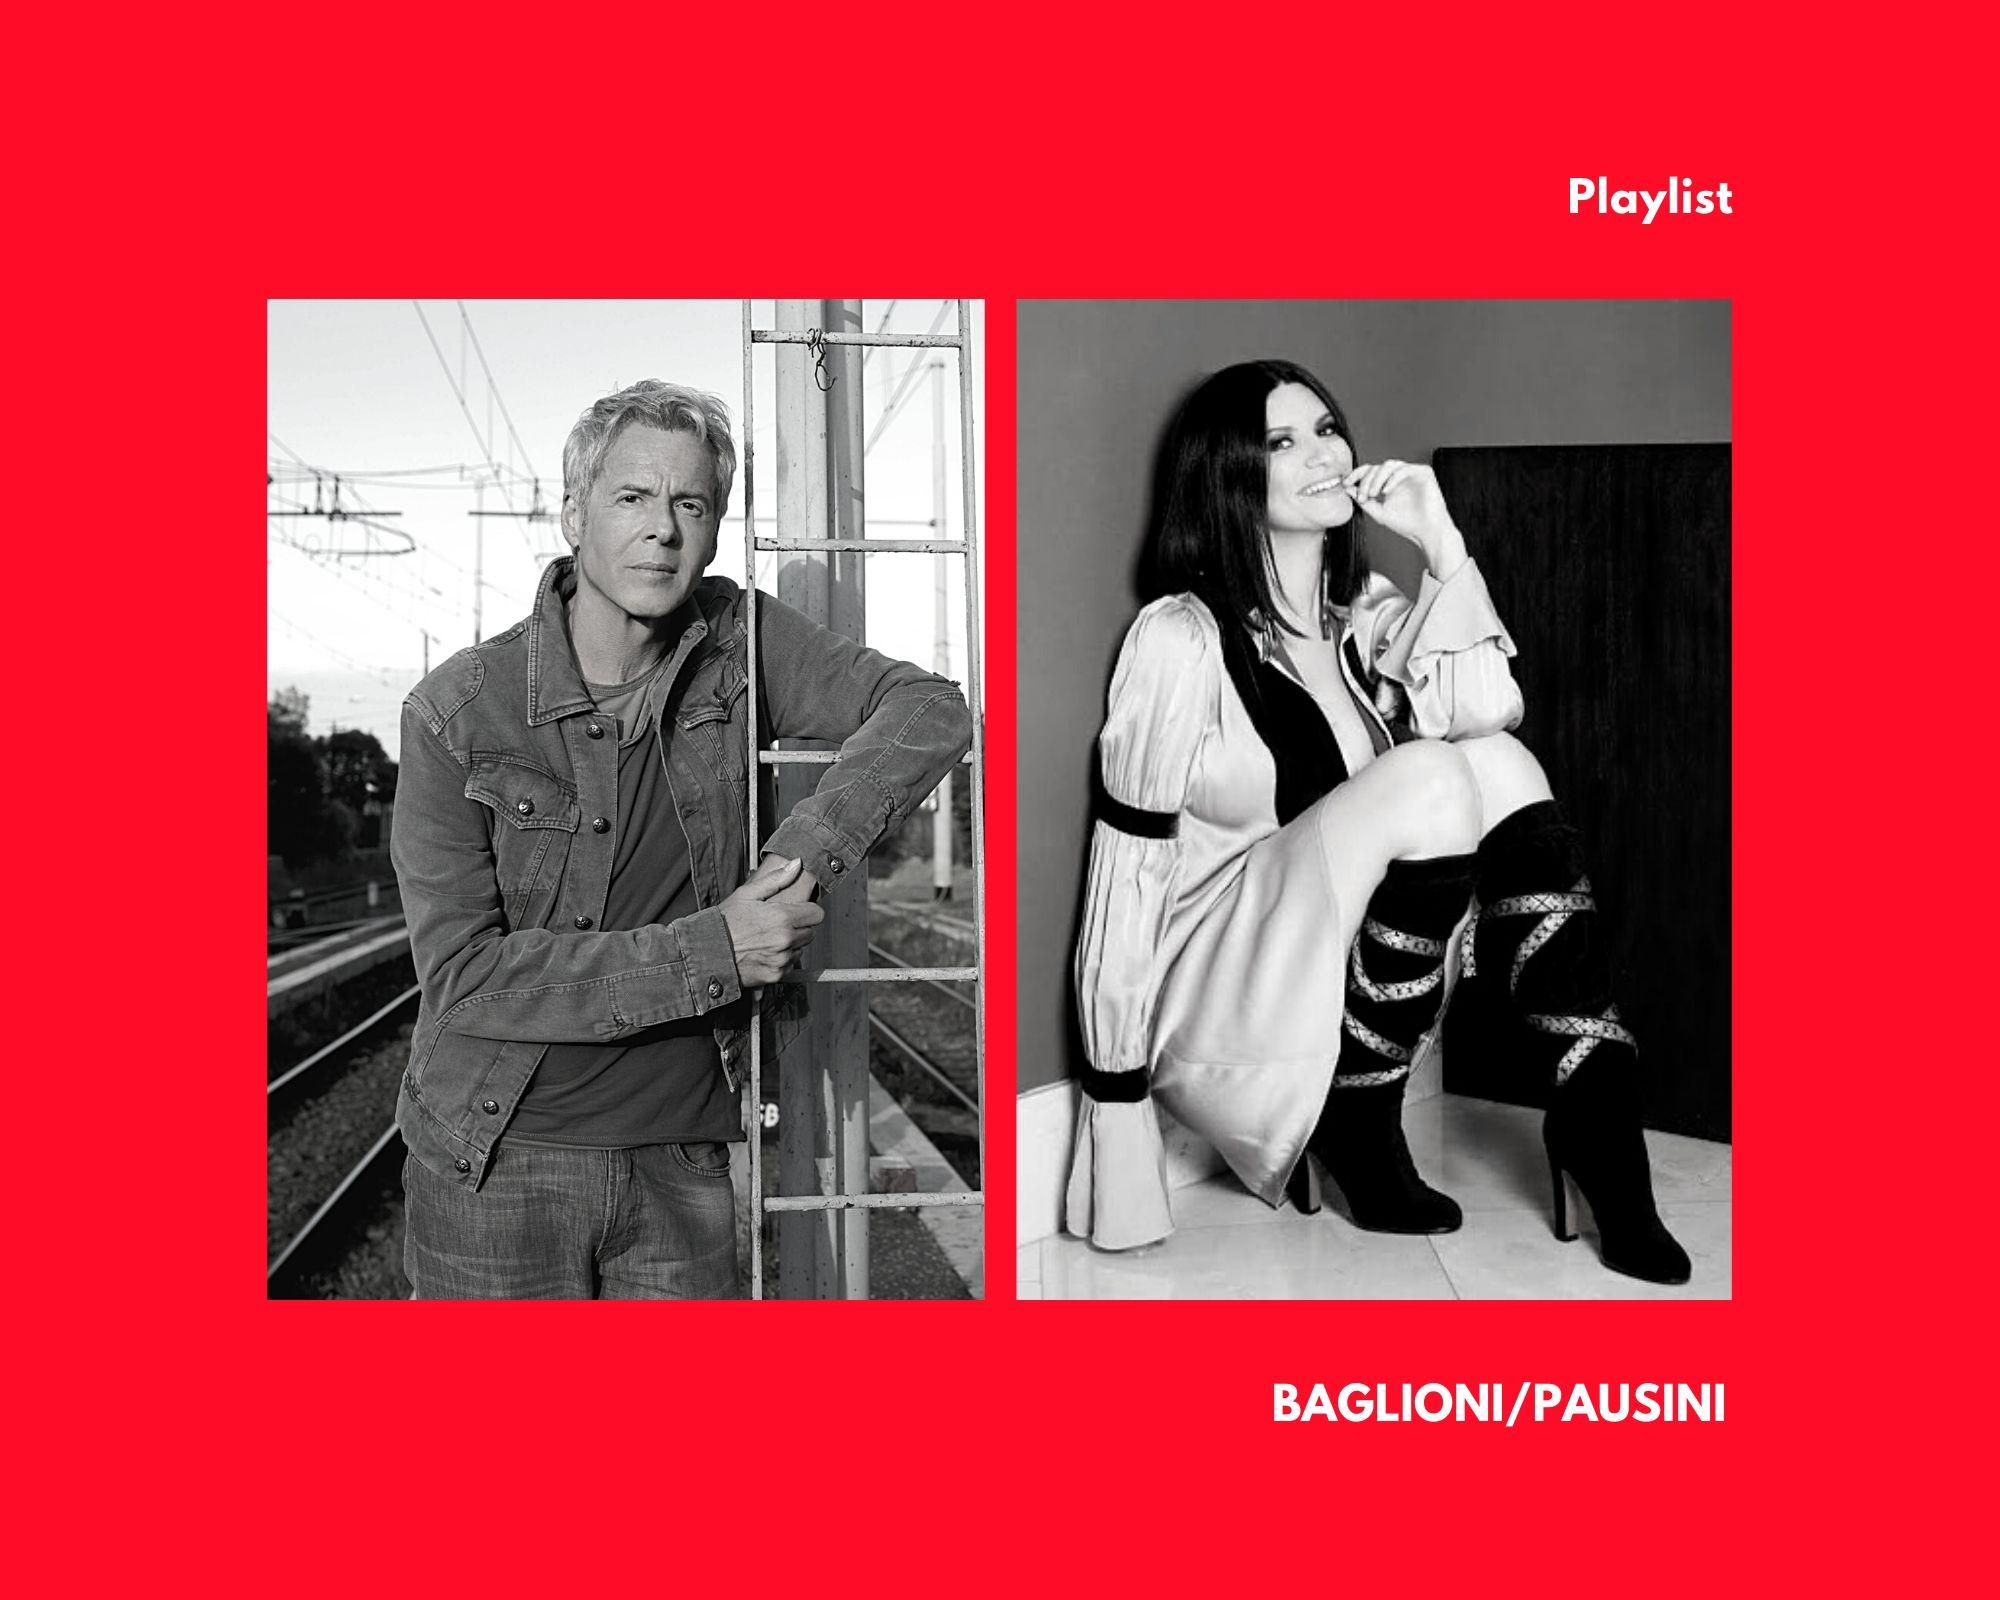 Laura Pausini e Claudio Baglioni, uniti dal giorno di nascita e da una playlist